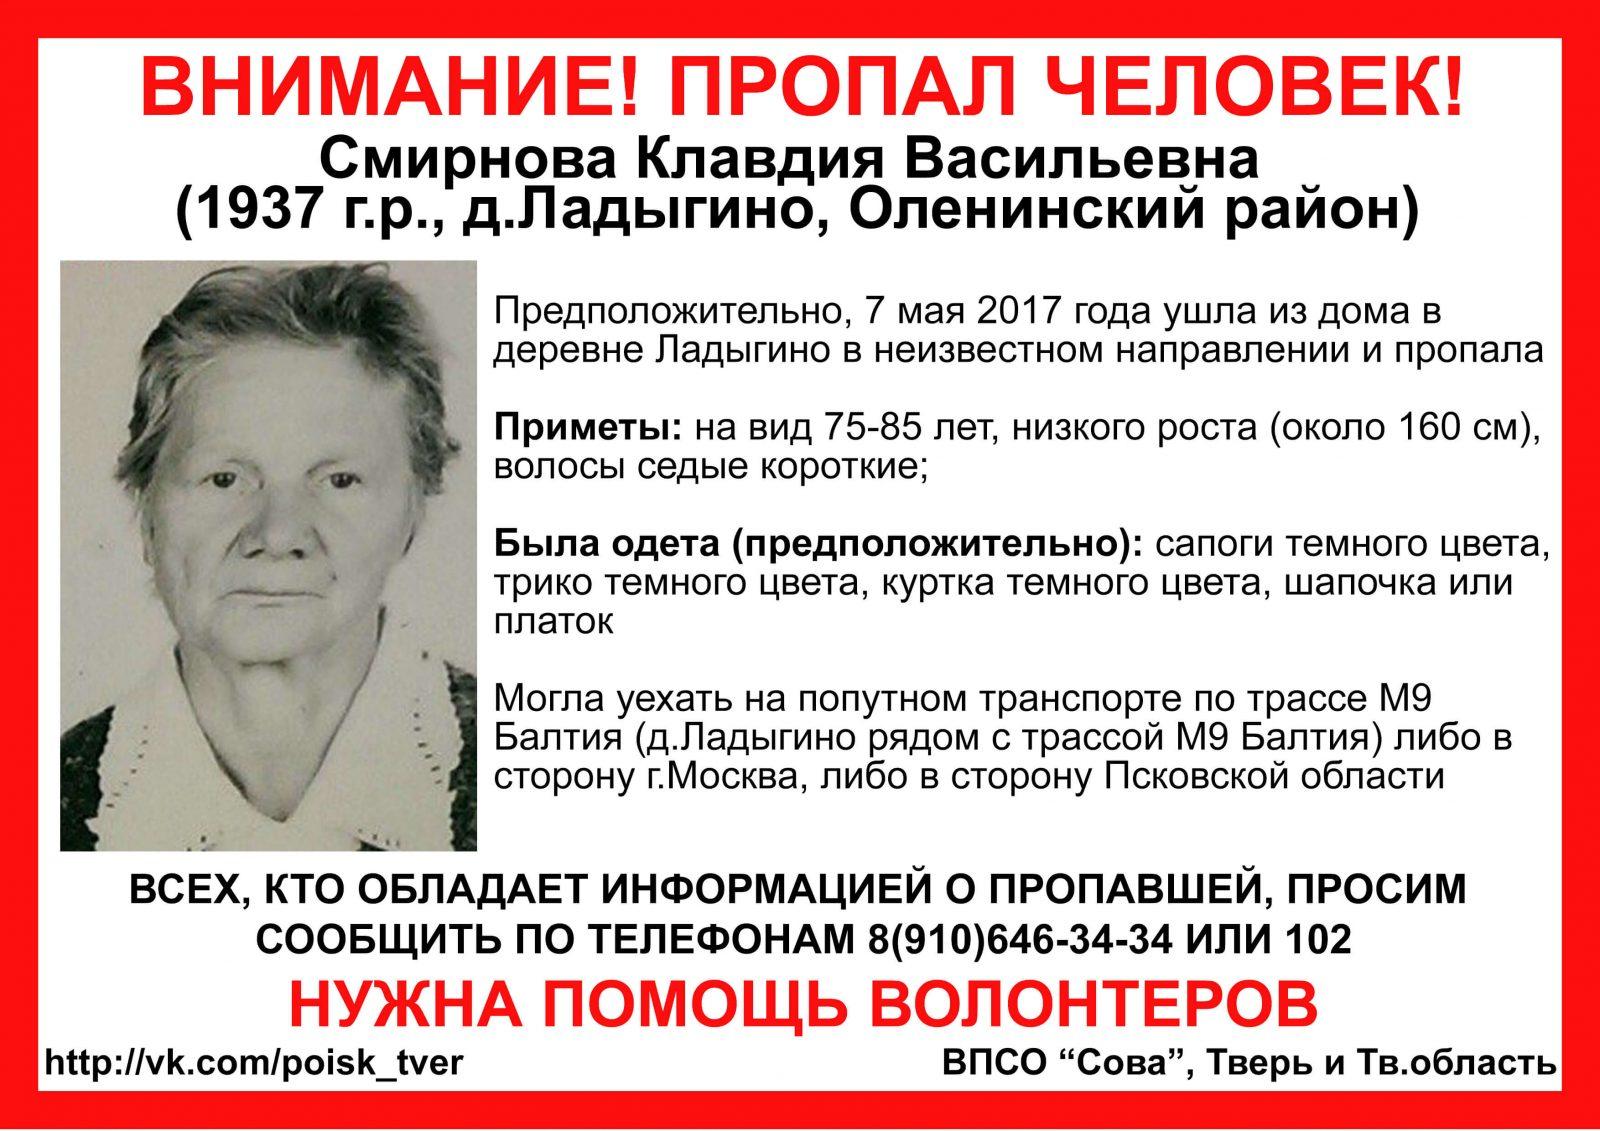 Пропала Смирнова Клавдия Васильевна (1937 г.р.)